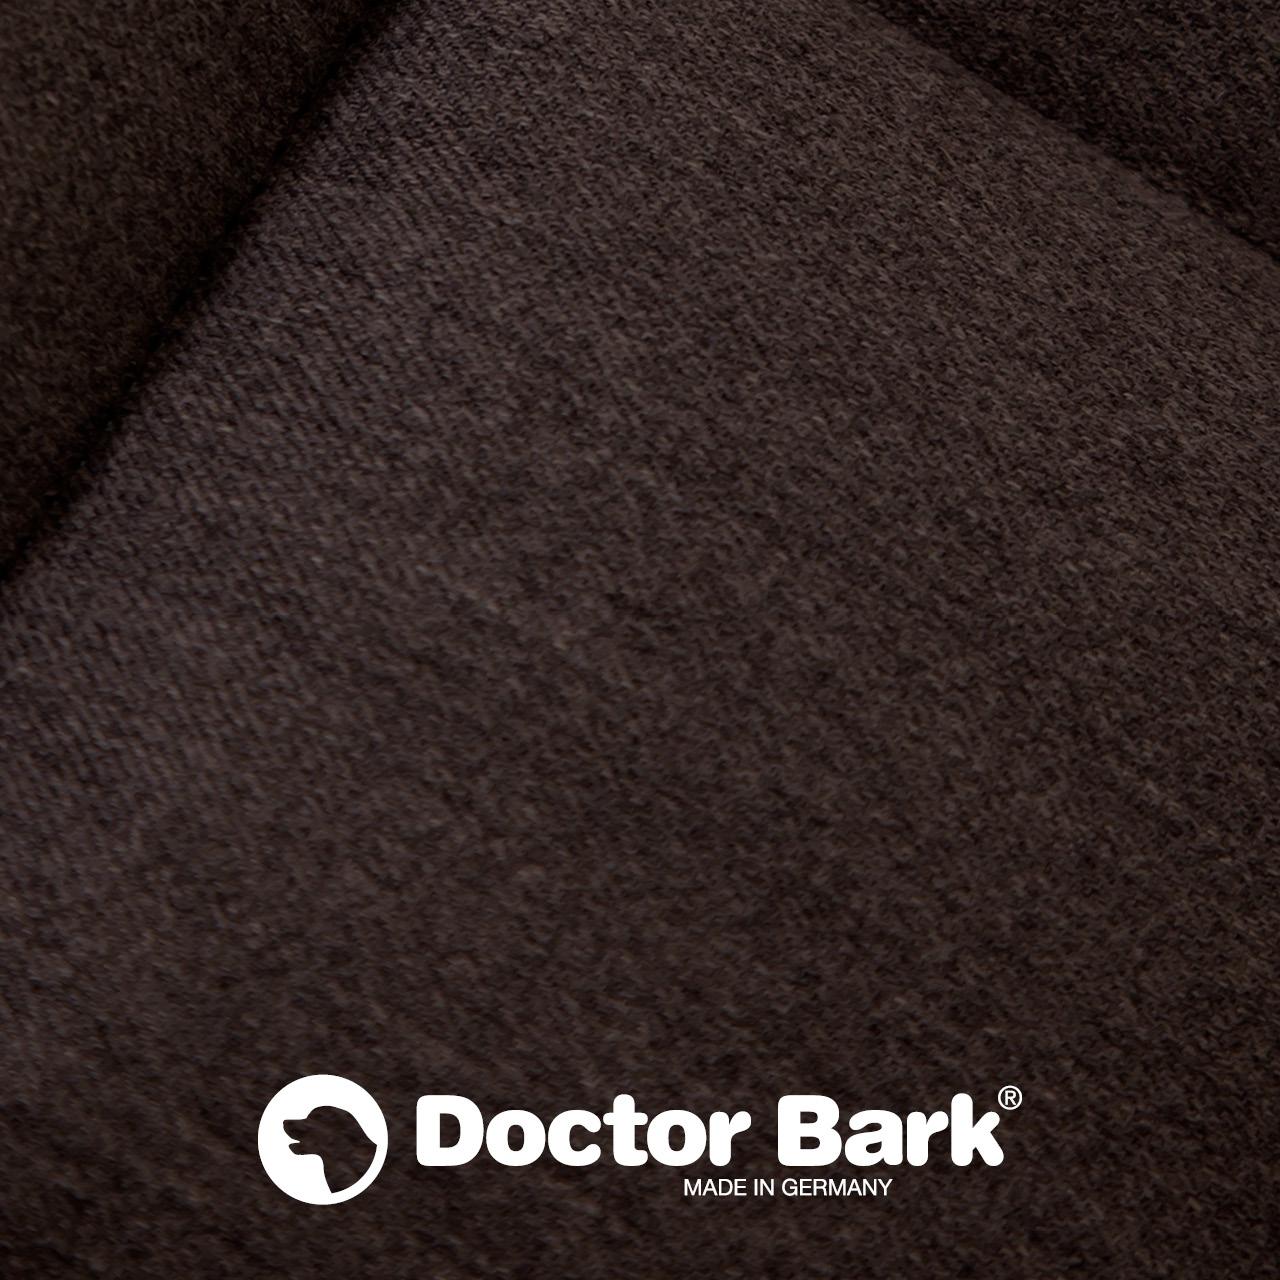 eckiges Doctor Bark Hundebett mit Rand - braun